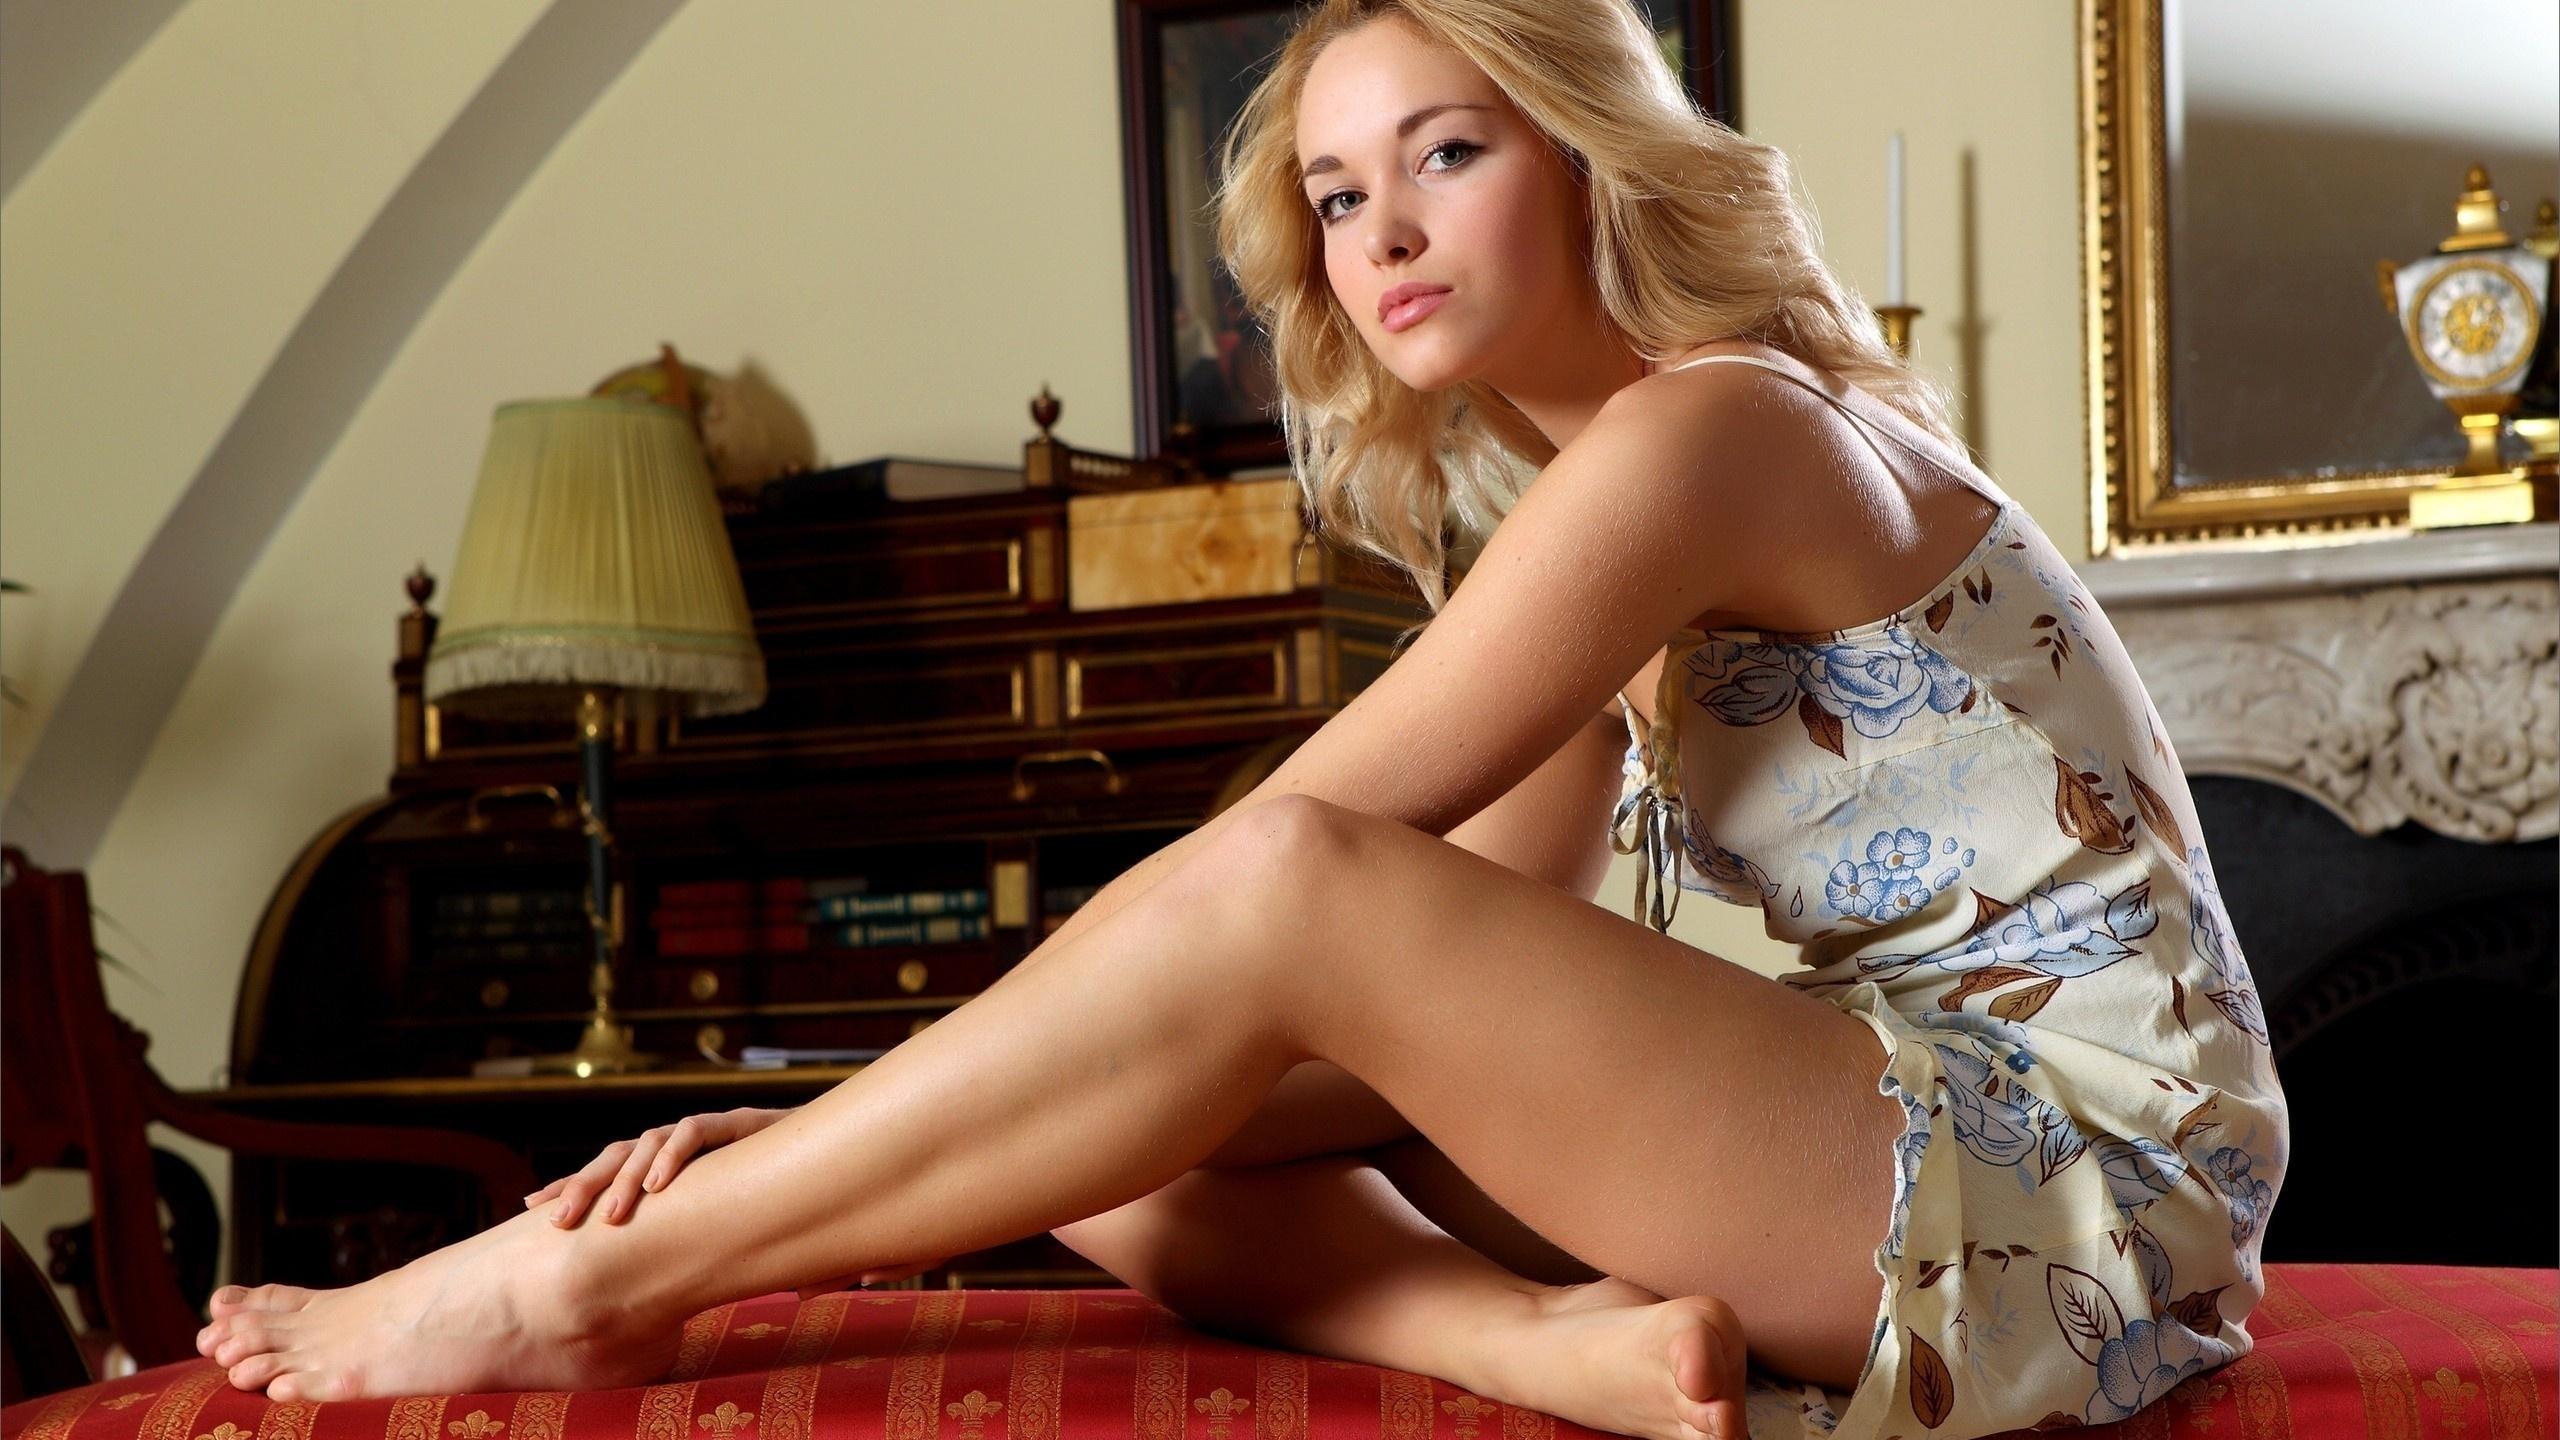 Фото голых девушек в красивых платьях онлайн, Девушки в платьях. Красивые фото сексуальных 19 фотография